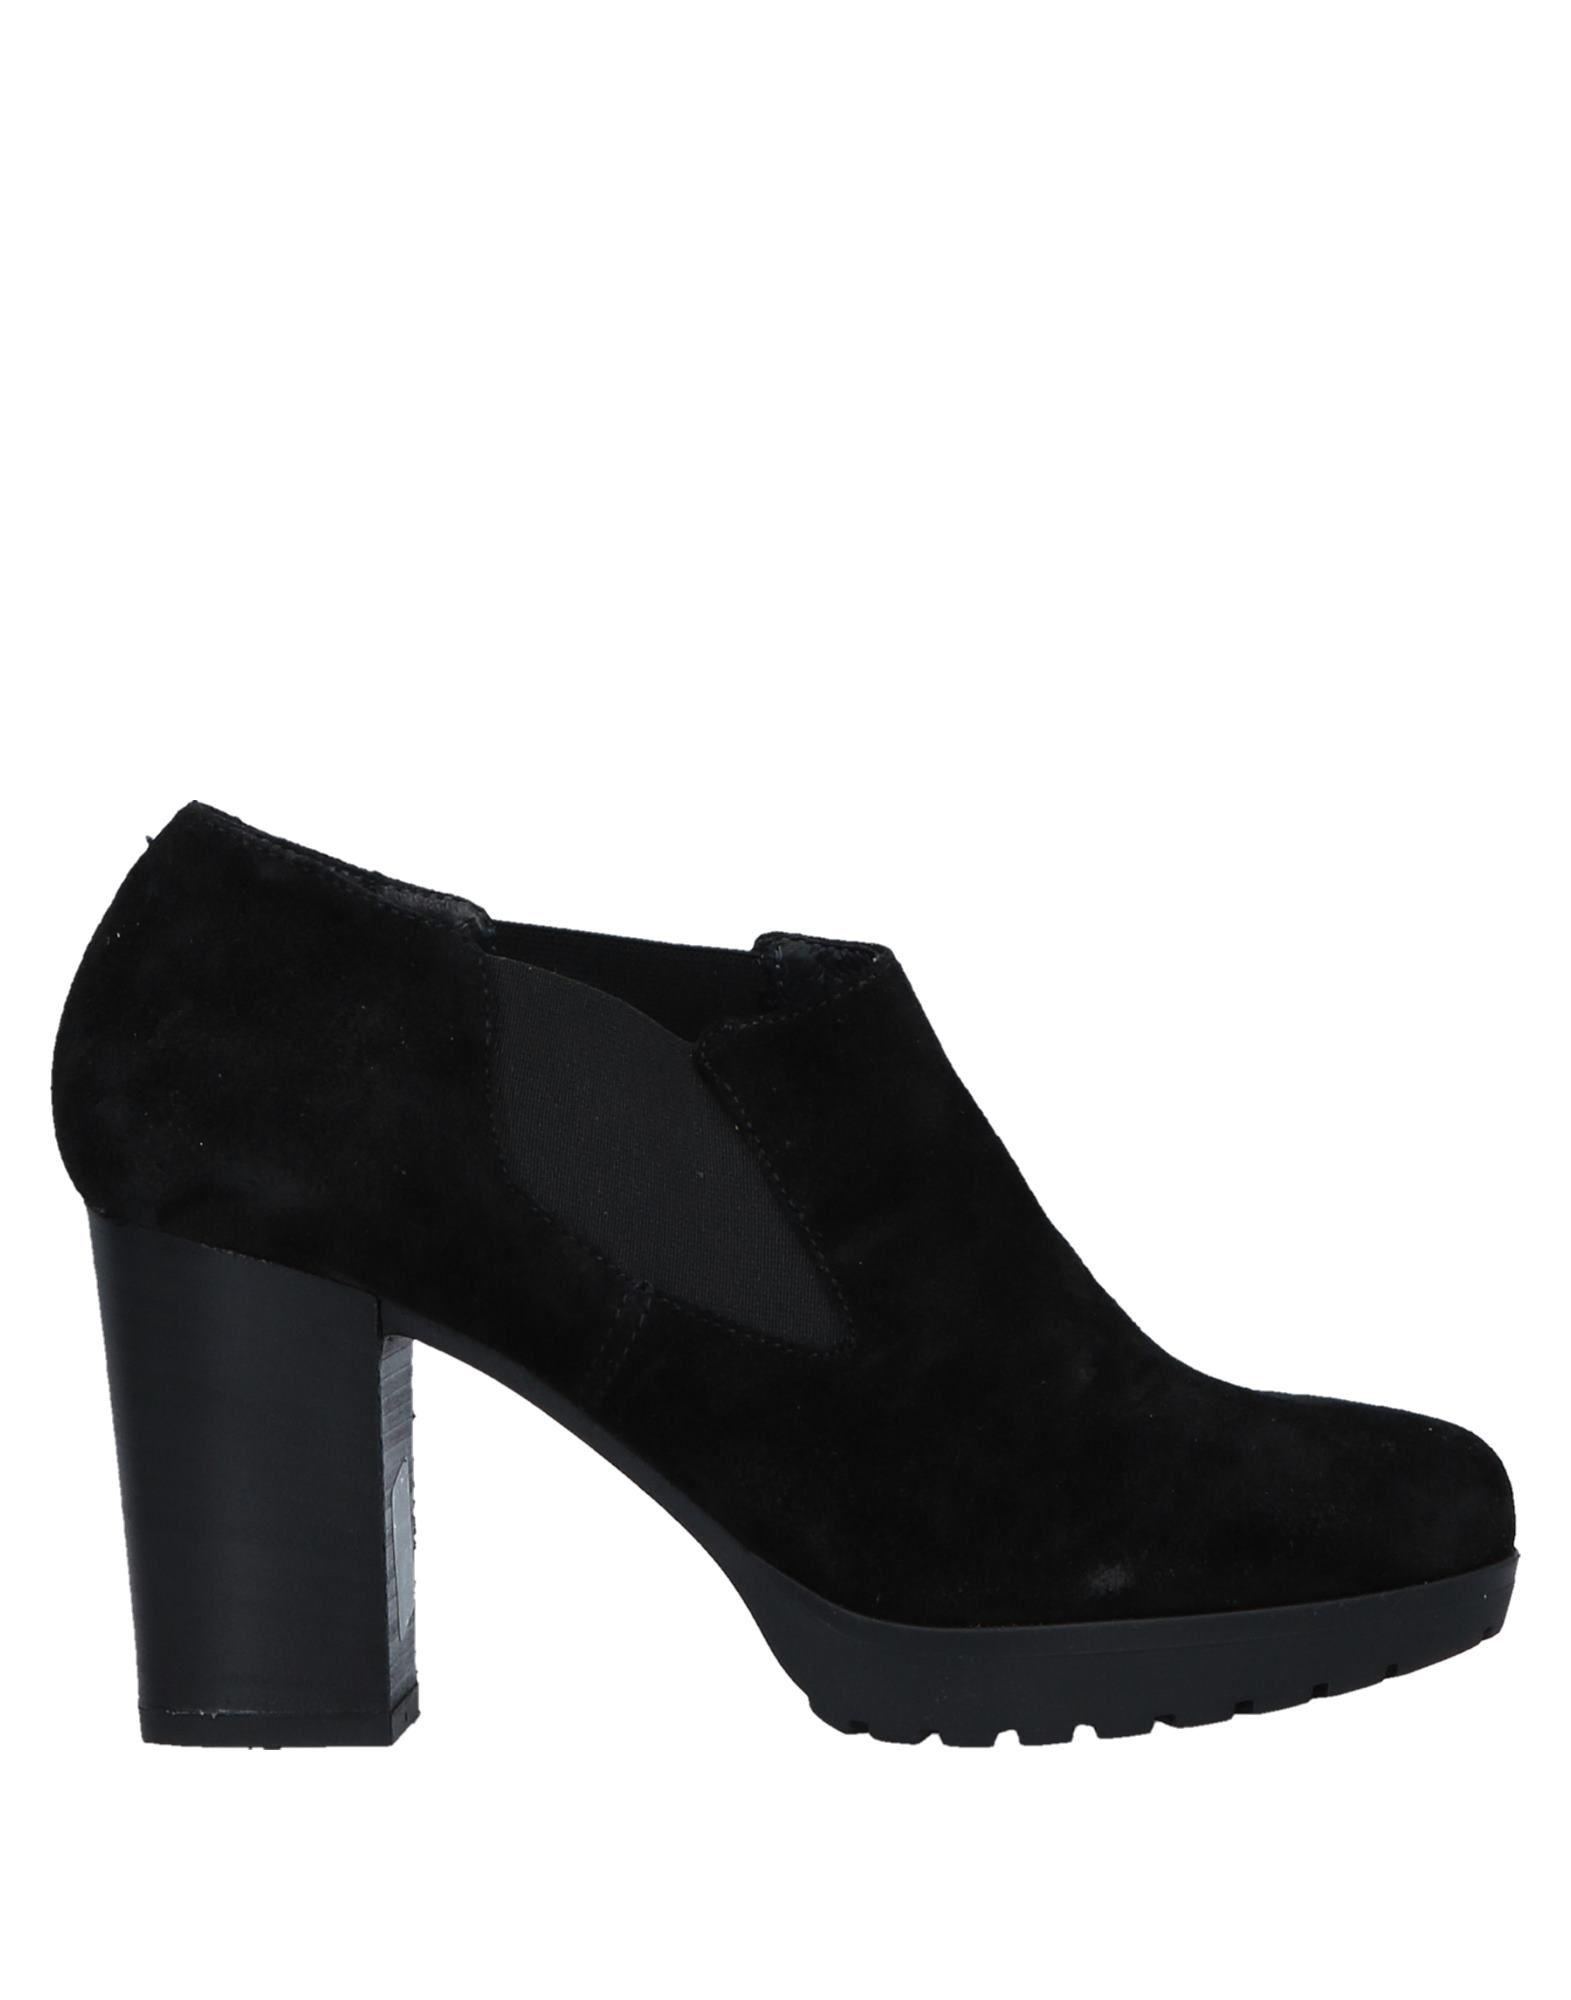 Janet Sport Stiefelette beliebte Damen  11537985RL Gute Qualität beliebte Stiefelette Schuhe 85c1b4